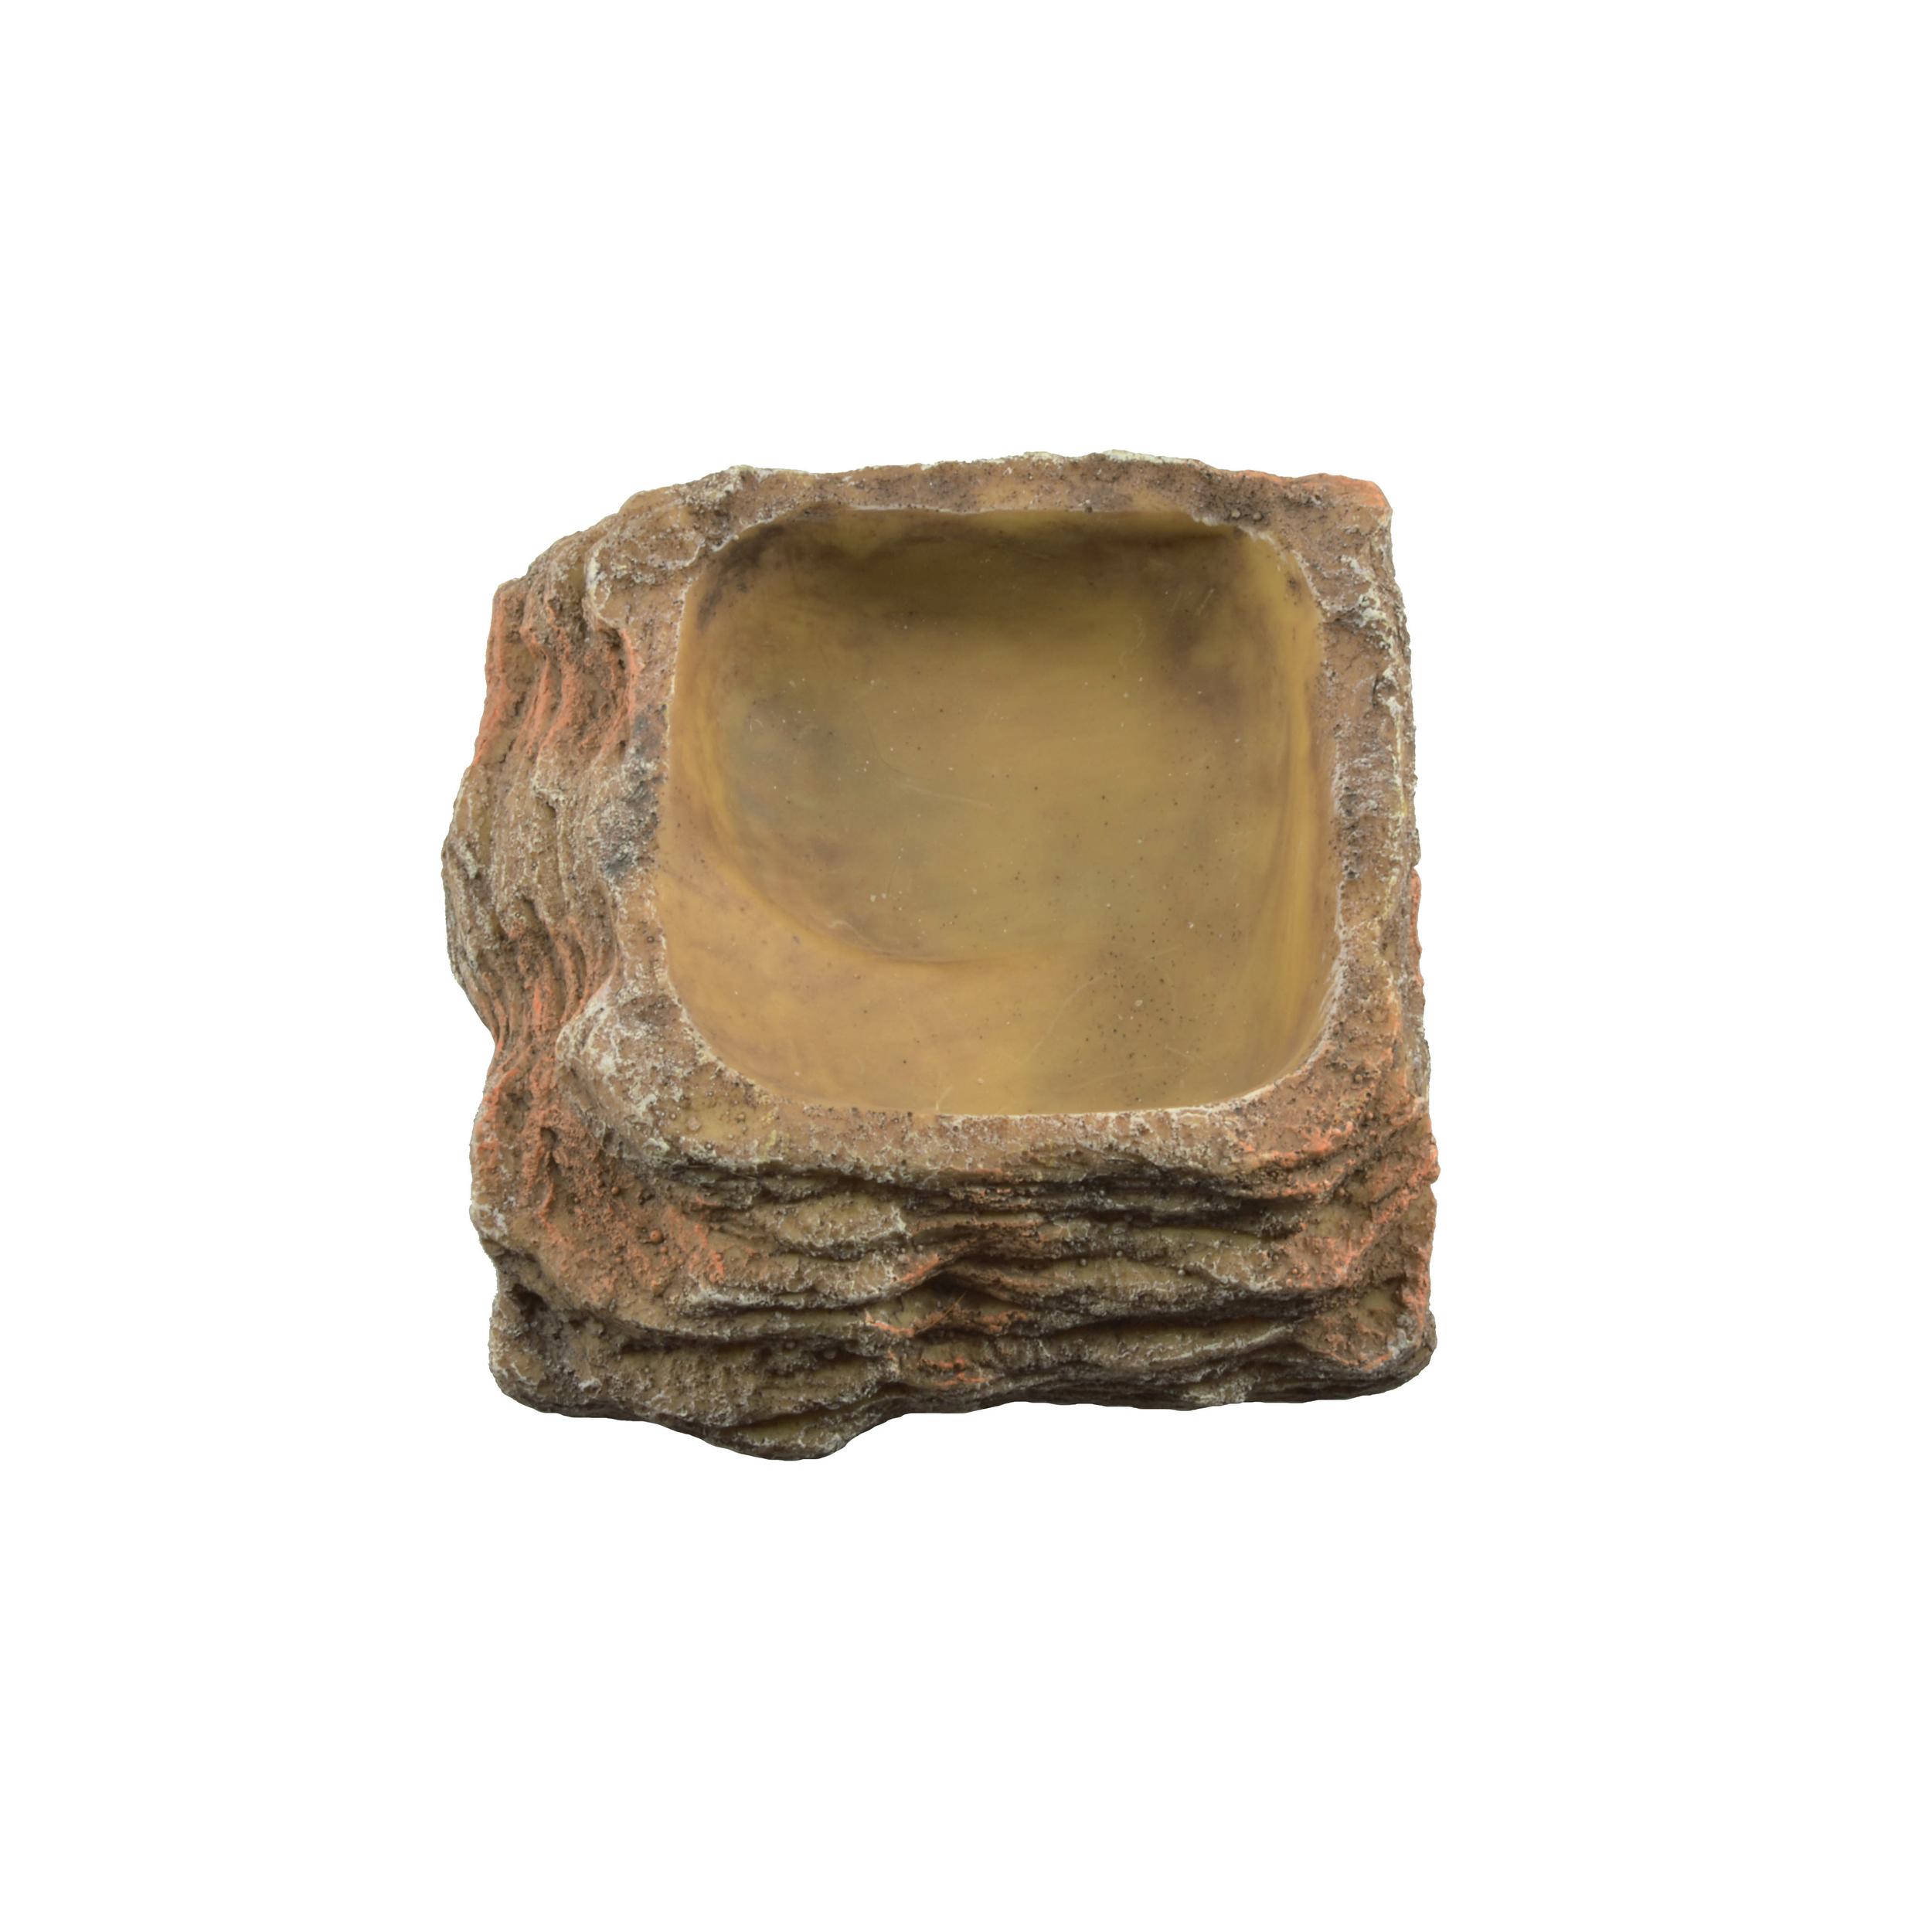 AQUAVIE Terra Abreuvoir Roche pour terrarium 10,5 x 10,5 x 3,5 cm